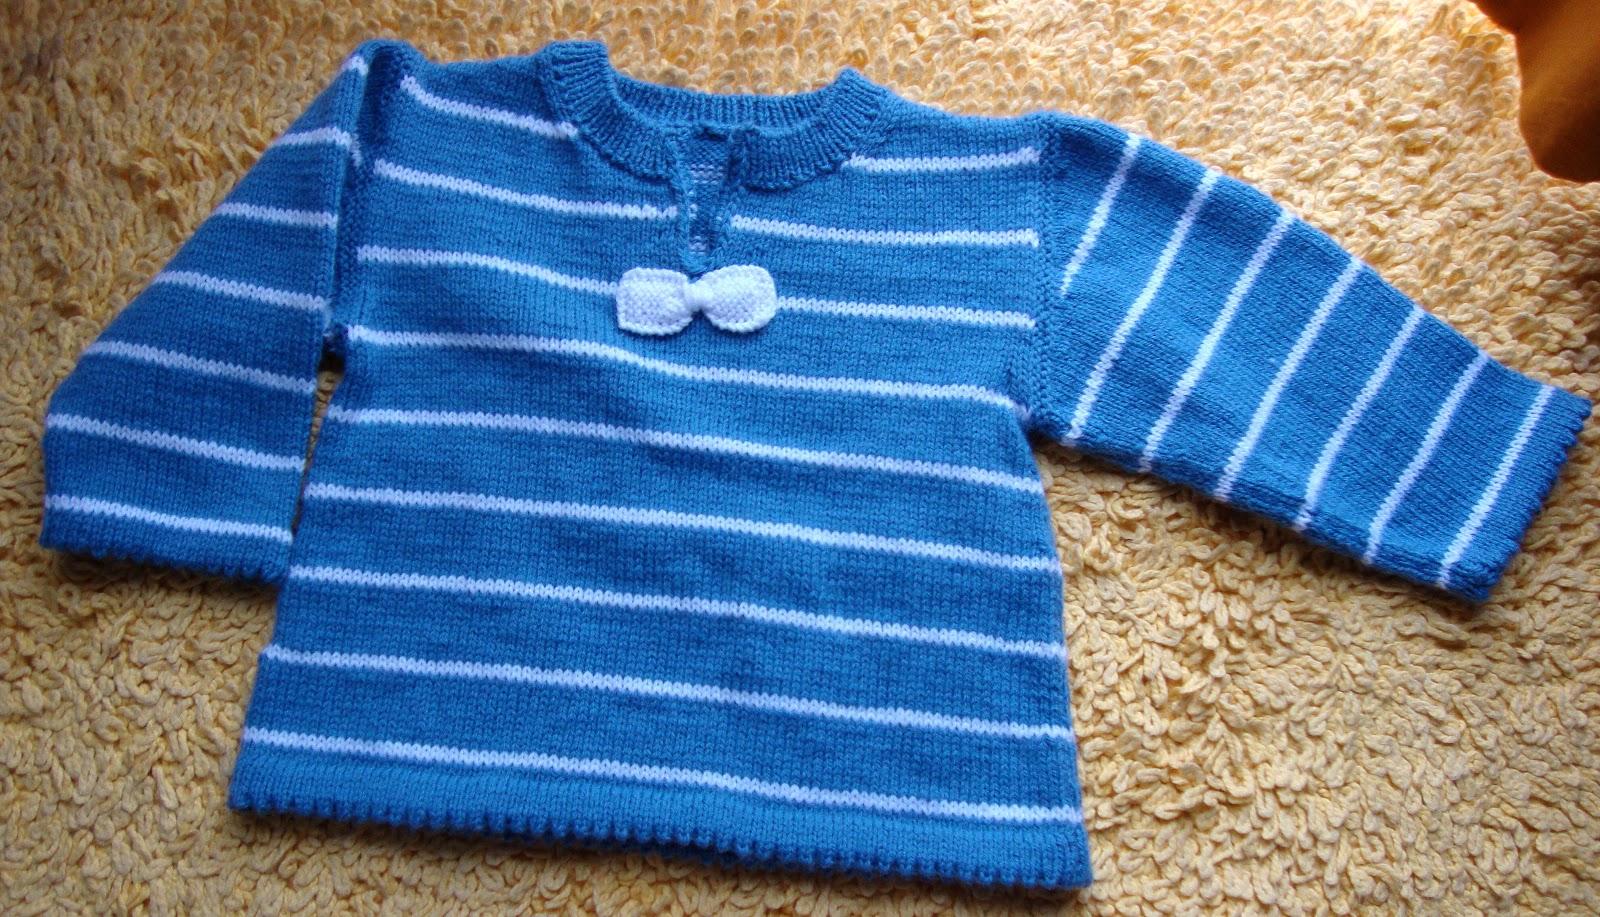 tricotat și vedere)